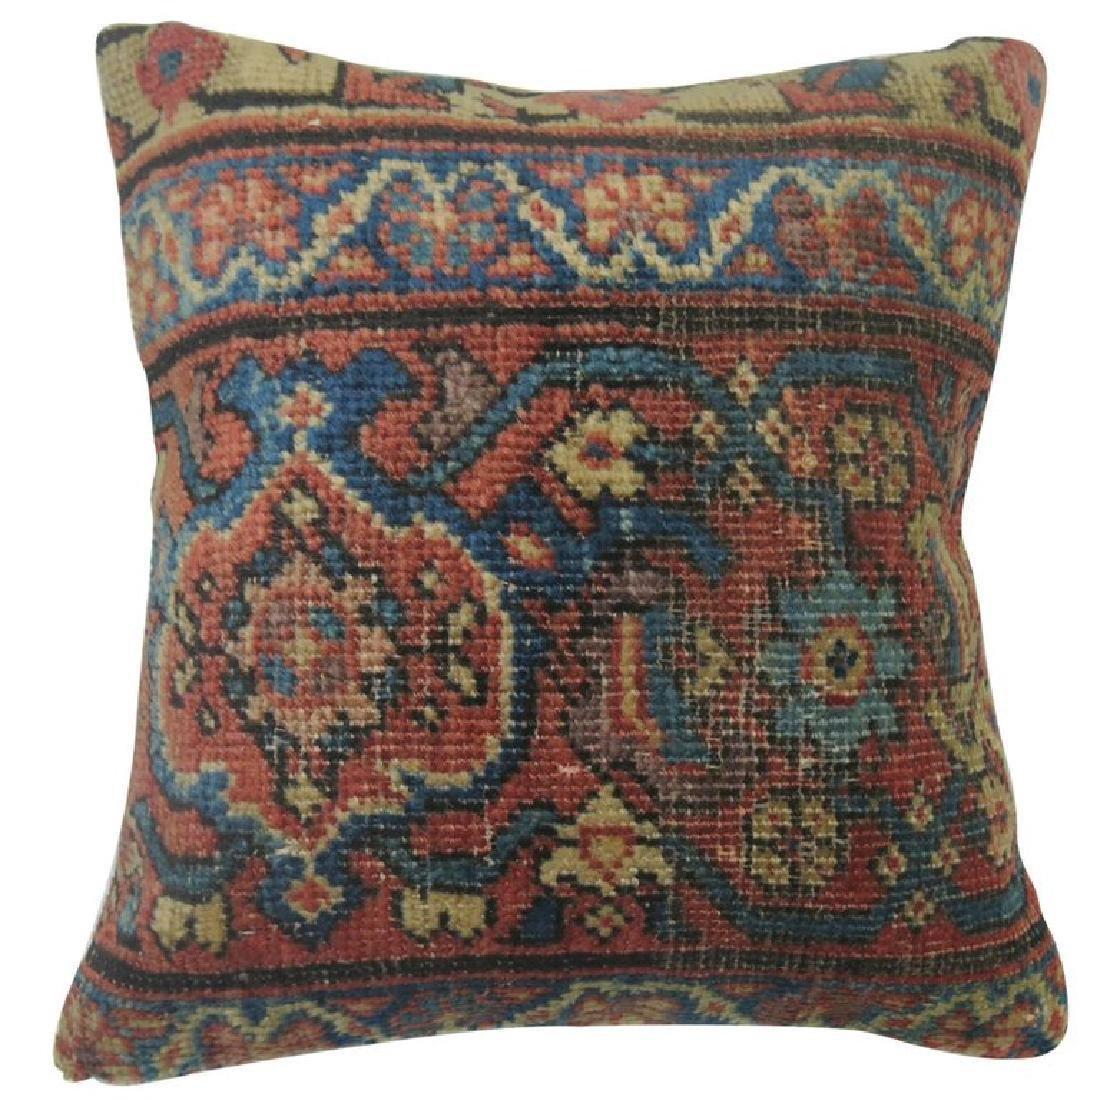 Persian Mahal Rug Pillow 1.1x1.3